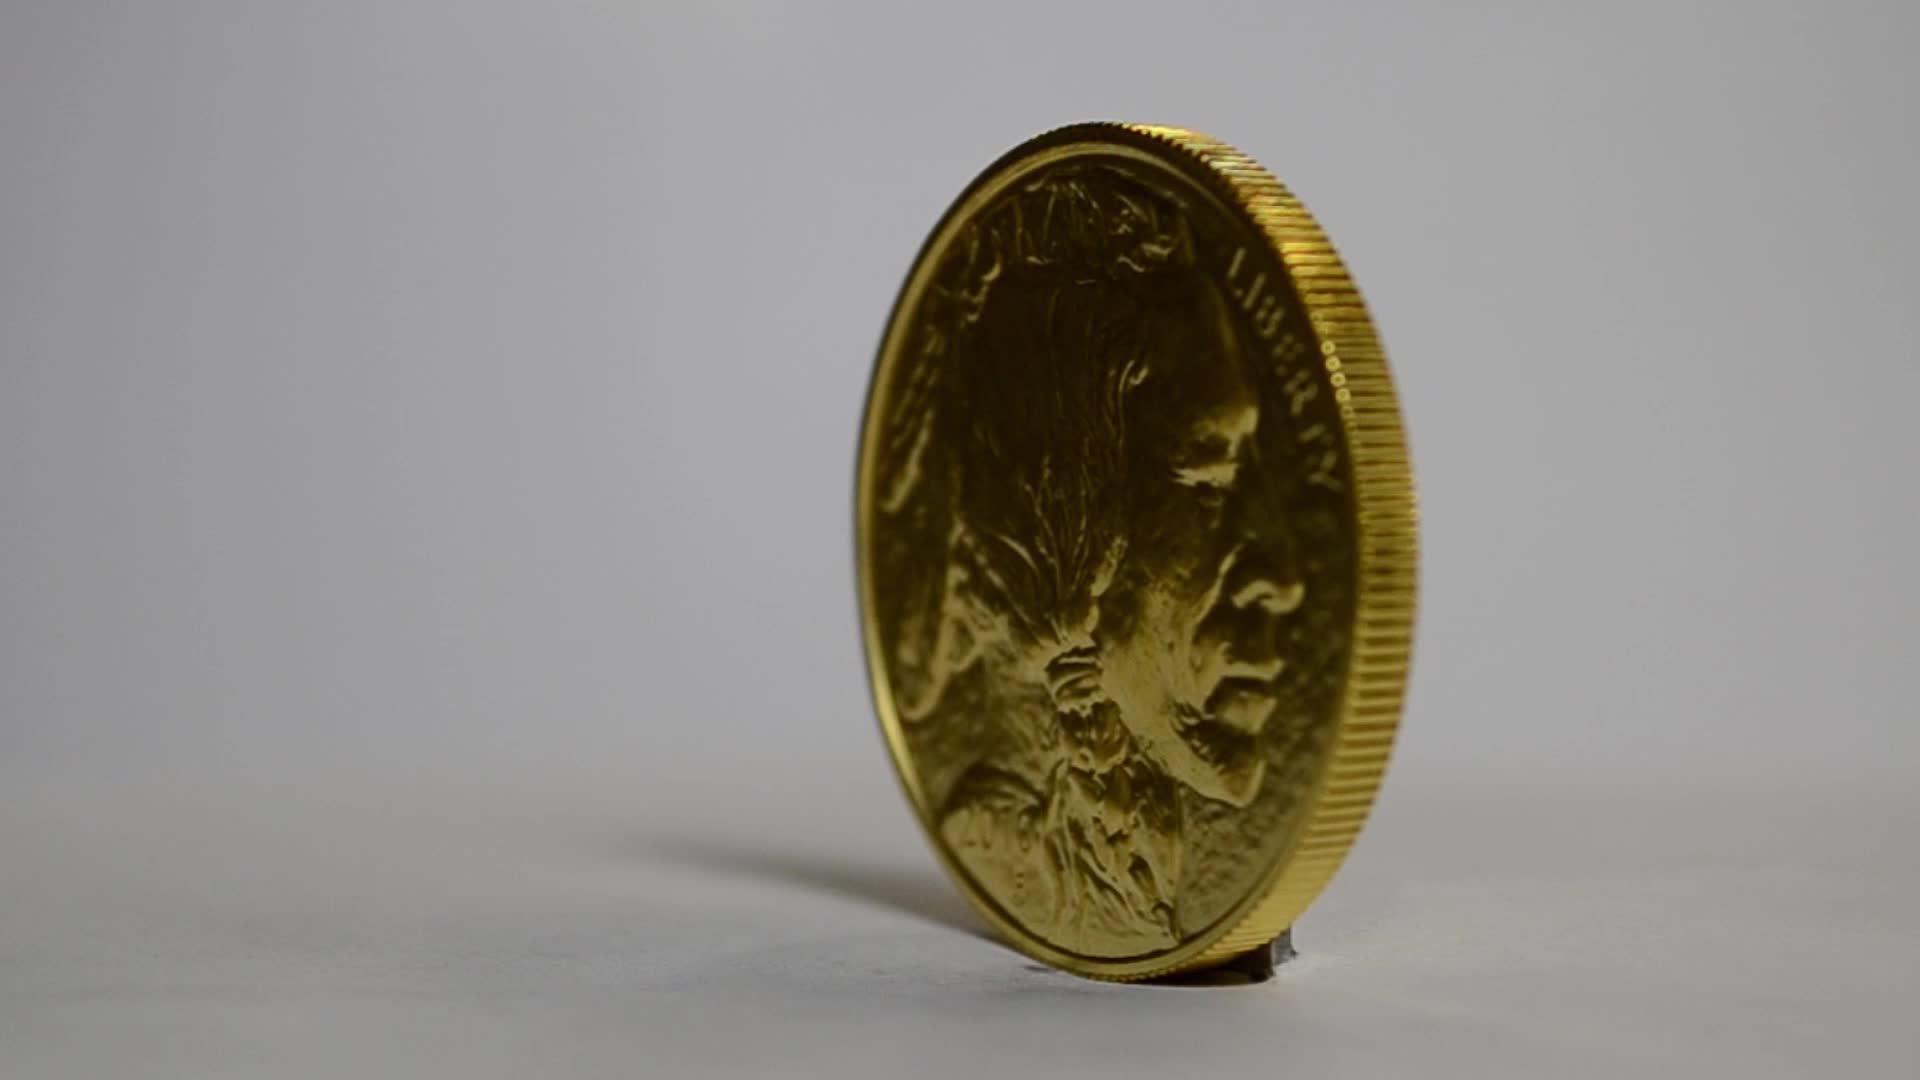 шедших гифка с монетой поведение облеклось